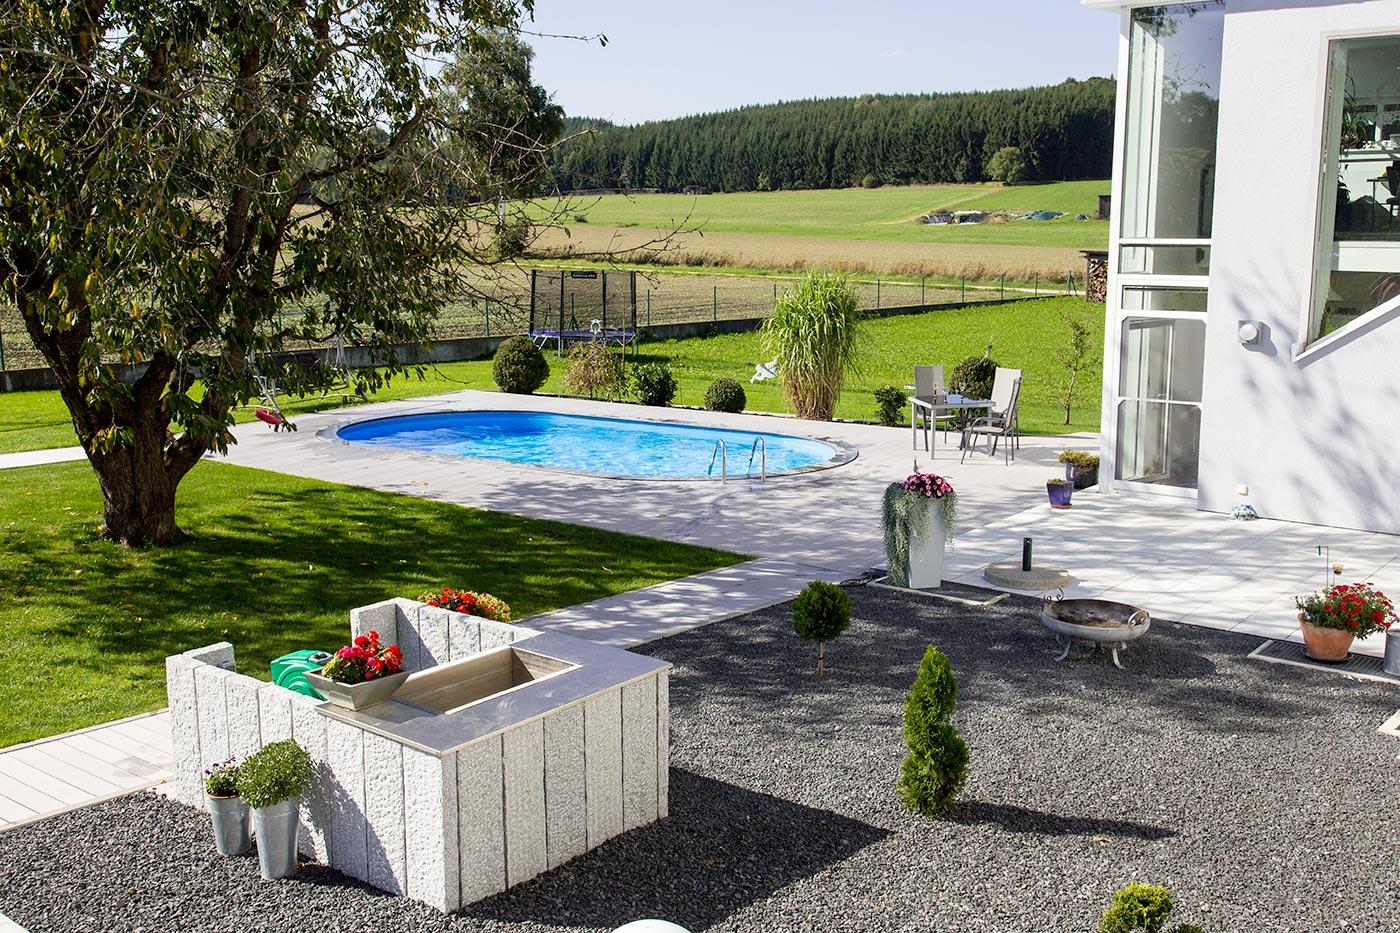 Pools stahlwandpools pool mit stahlwand for Stahlwandbecken oval